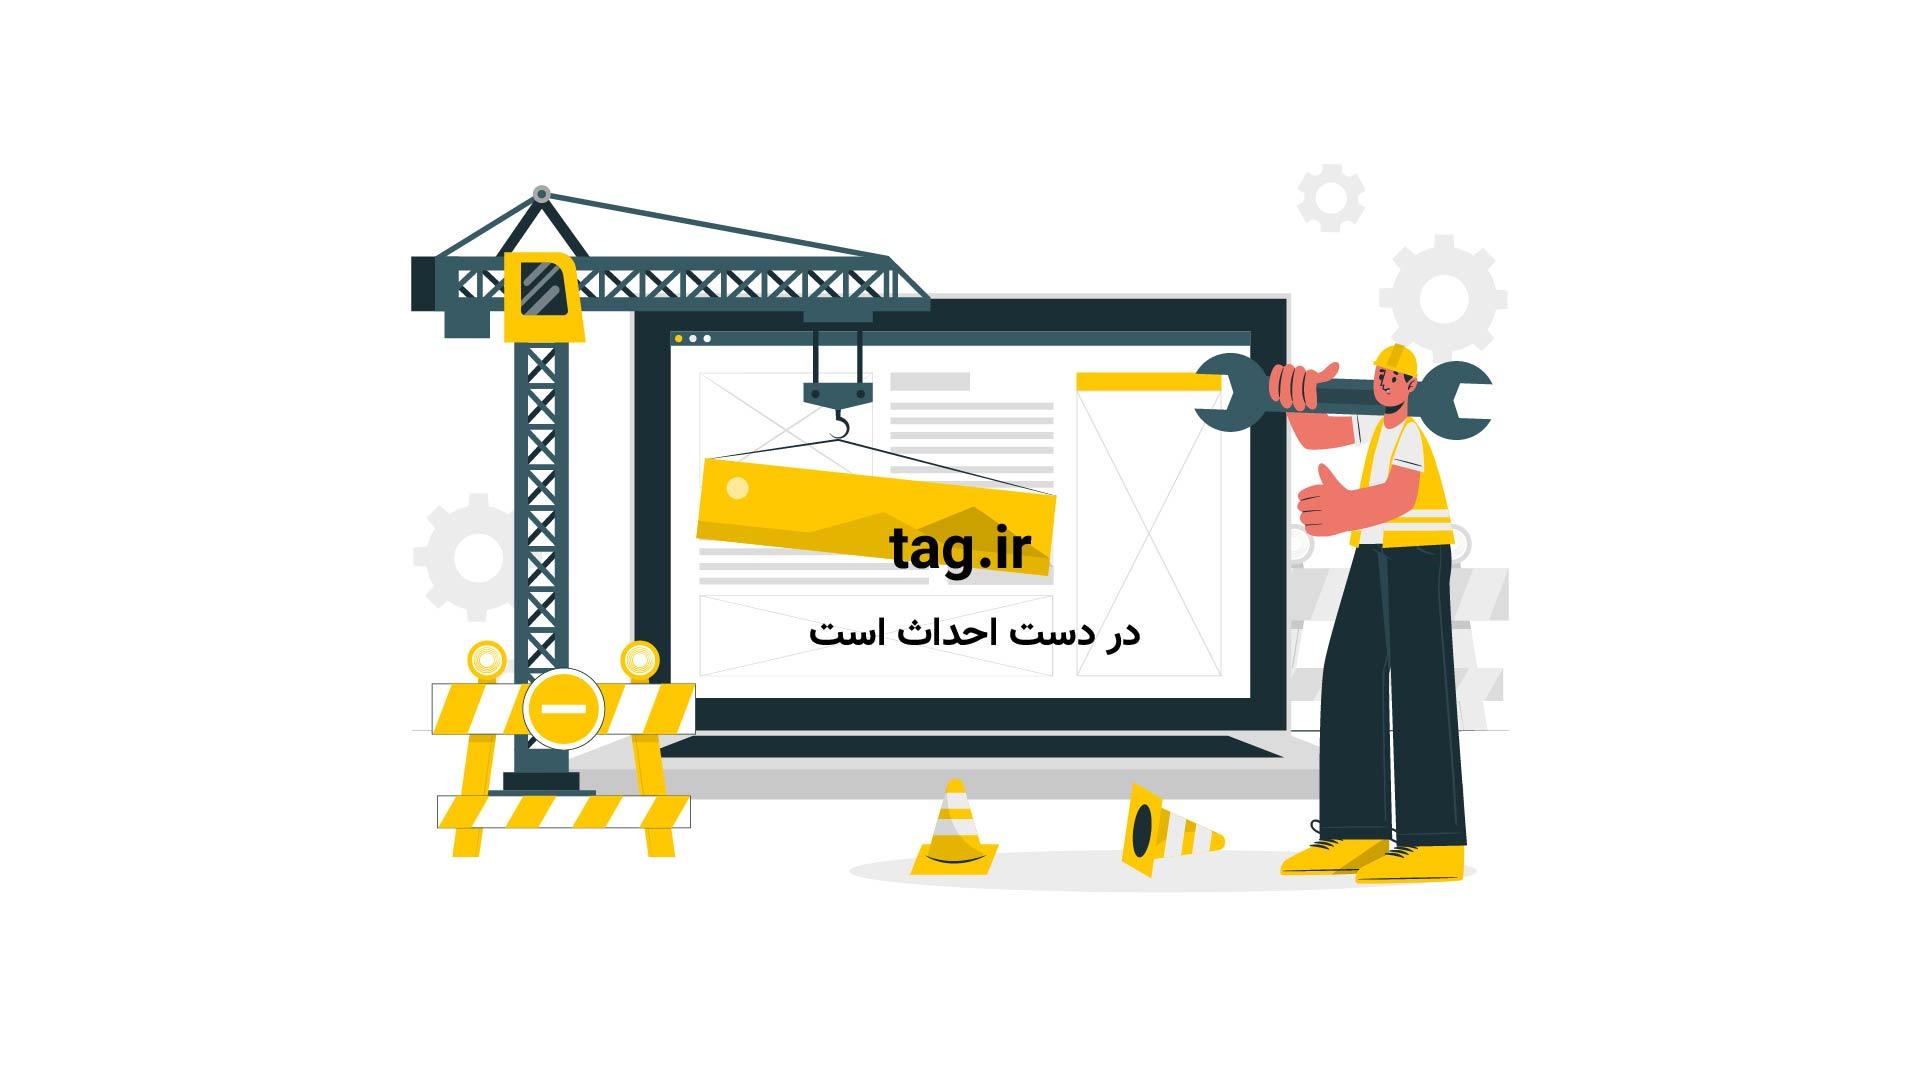 شناخت انواع و کیفیت سبزیجات سالاد + فیلم